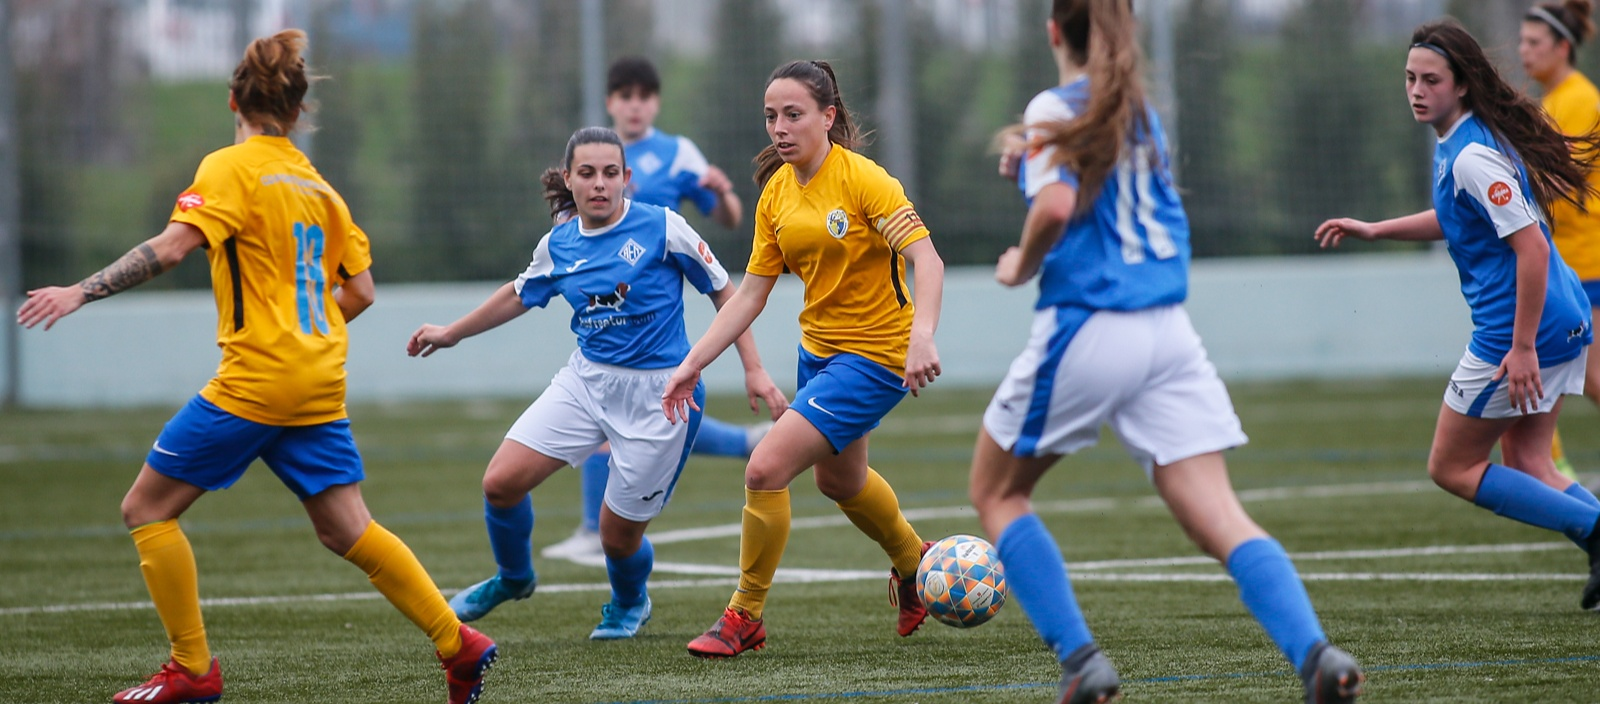 Agrupacions de la Primera Divisió Juvenil Femení